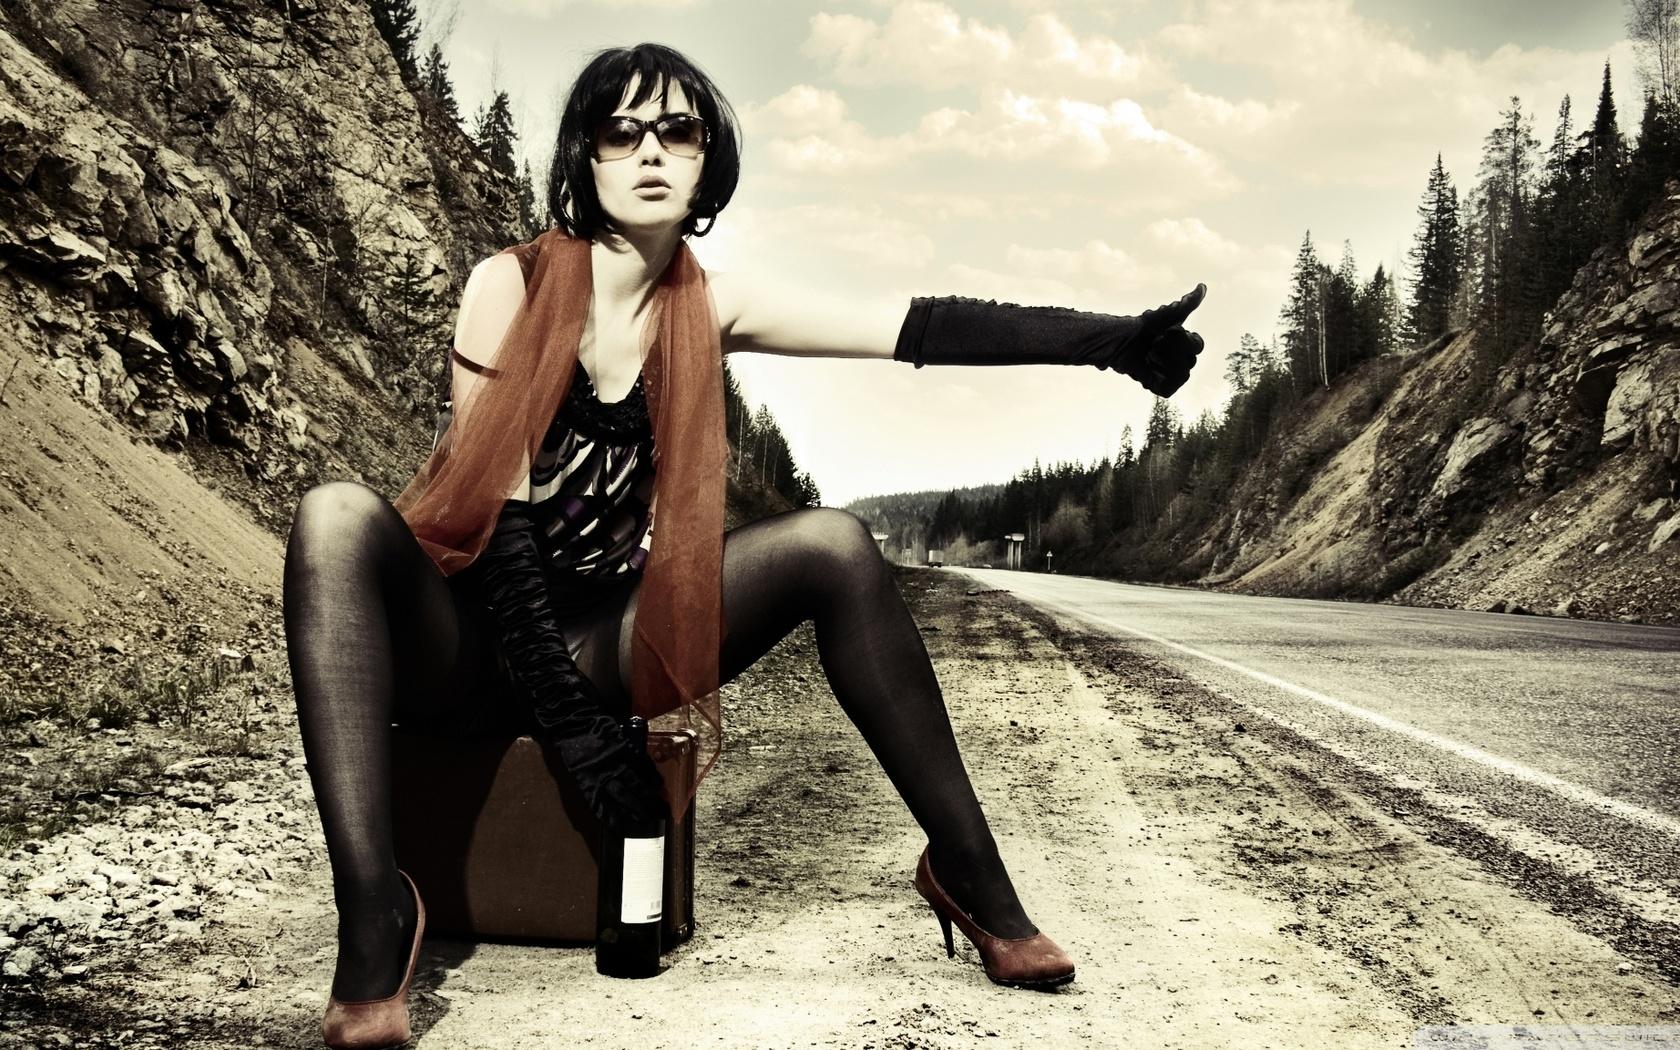 девушка, брюнетка, очки, ножки, колготки, автостоп, бутылка